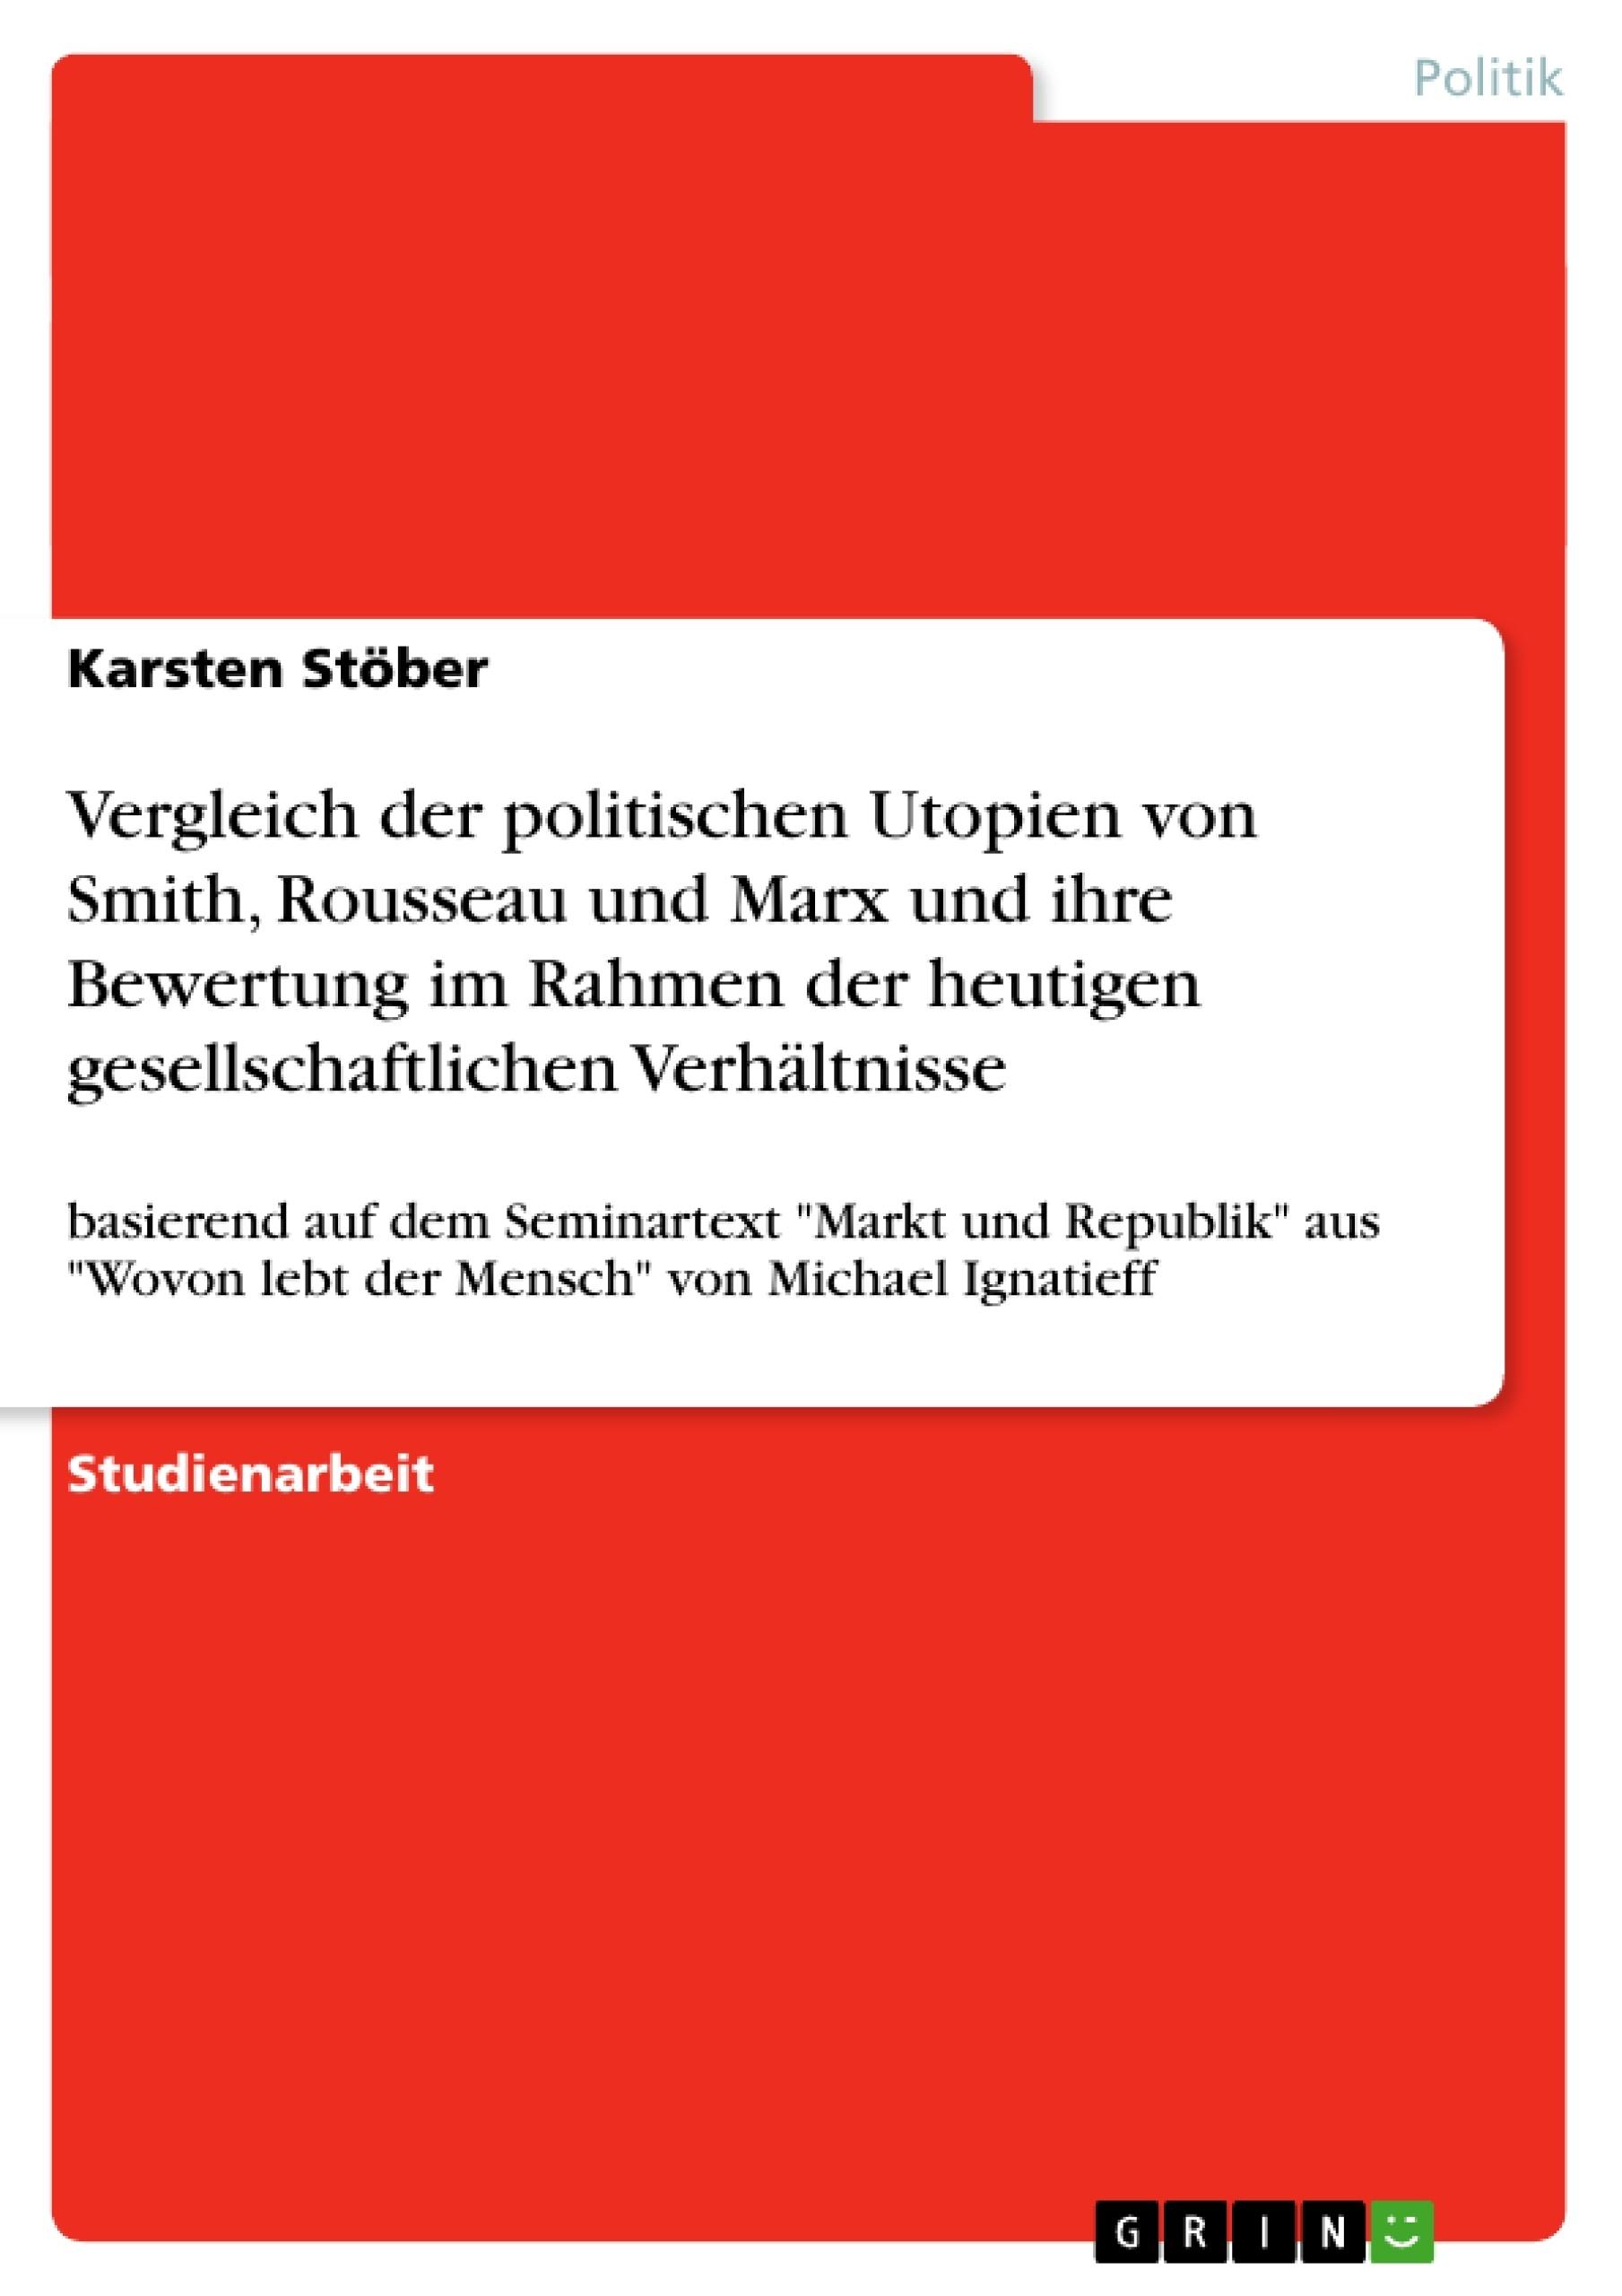 Titel: Vergleich der politischen Utopien von Smith, Rousseau und Marx und ihre Bewertung im Rahmen der heutigen gesellschaftlichen Verhältnisse